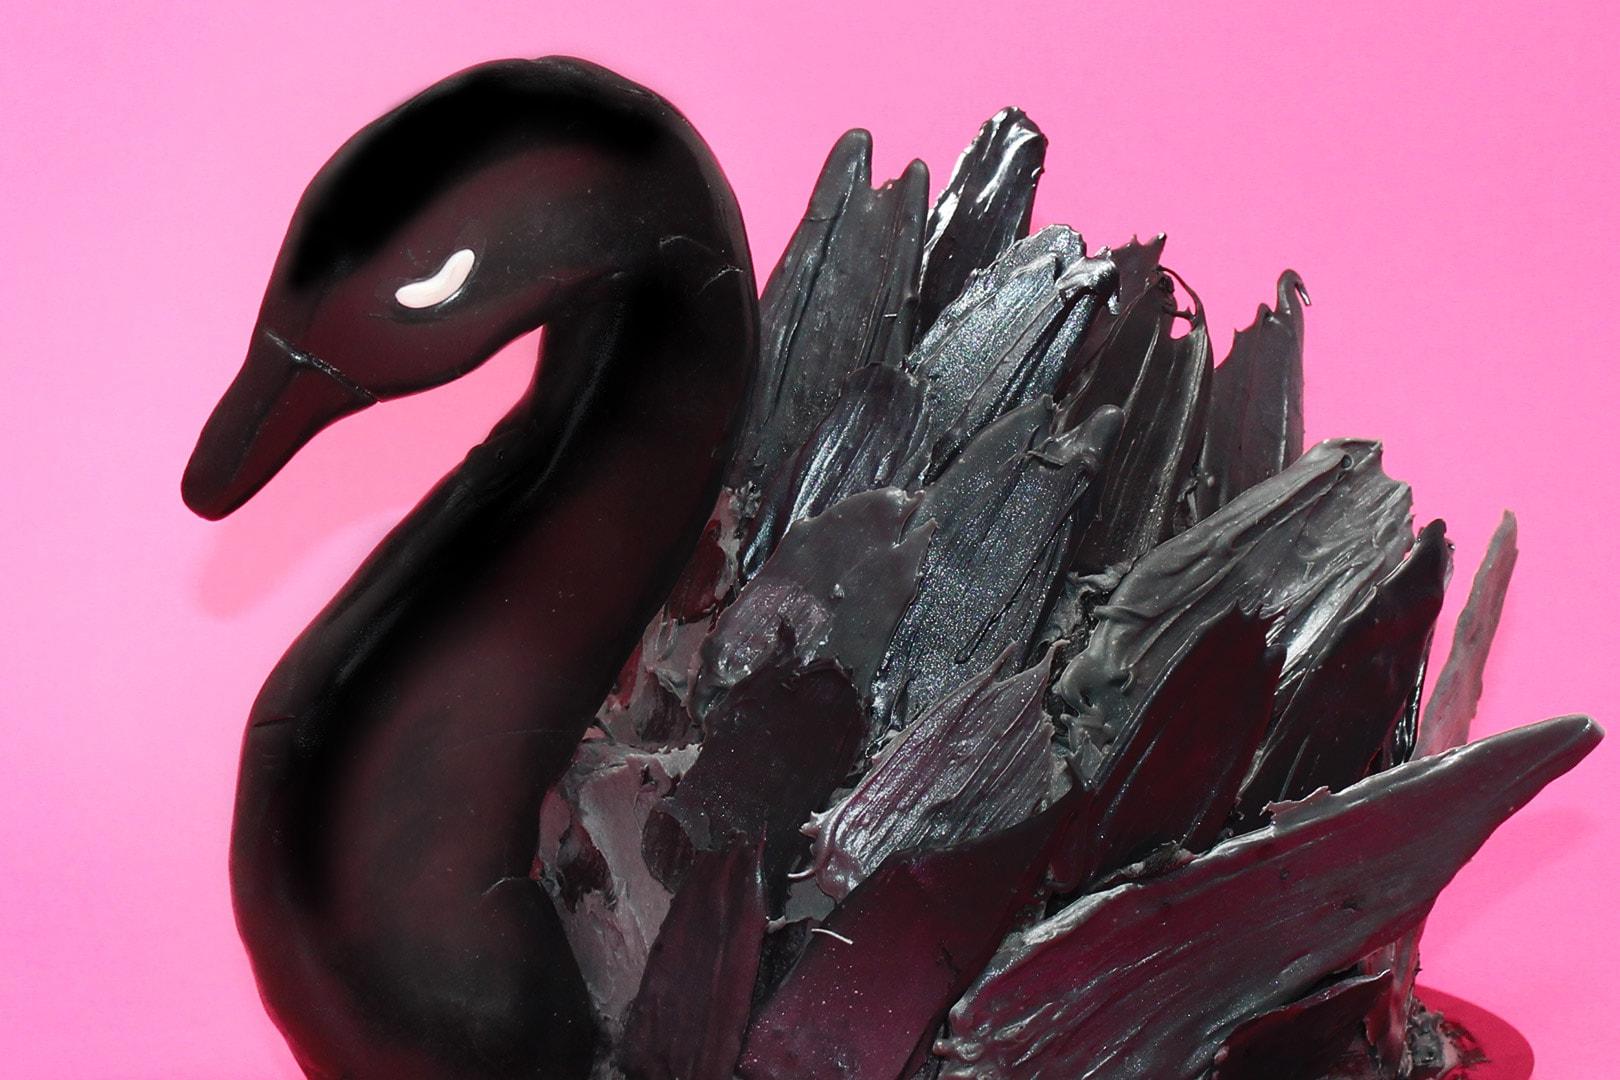 torta-cigno-nero-super-colors-paintbrush-cake-black-swan-5-min